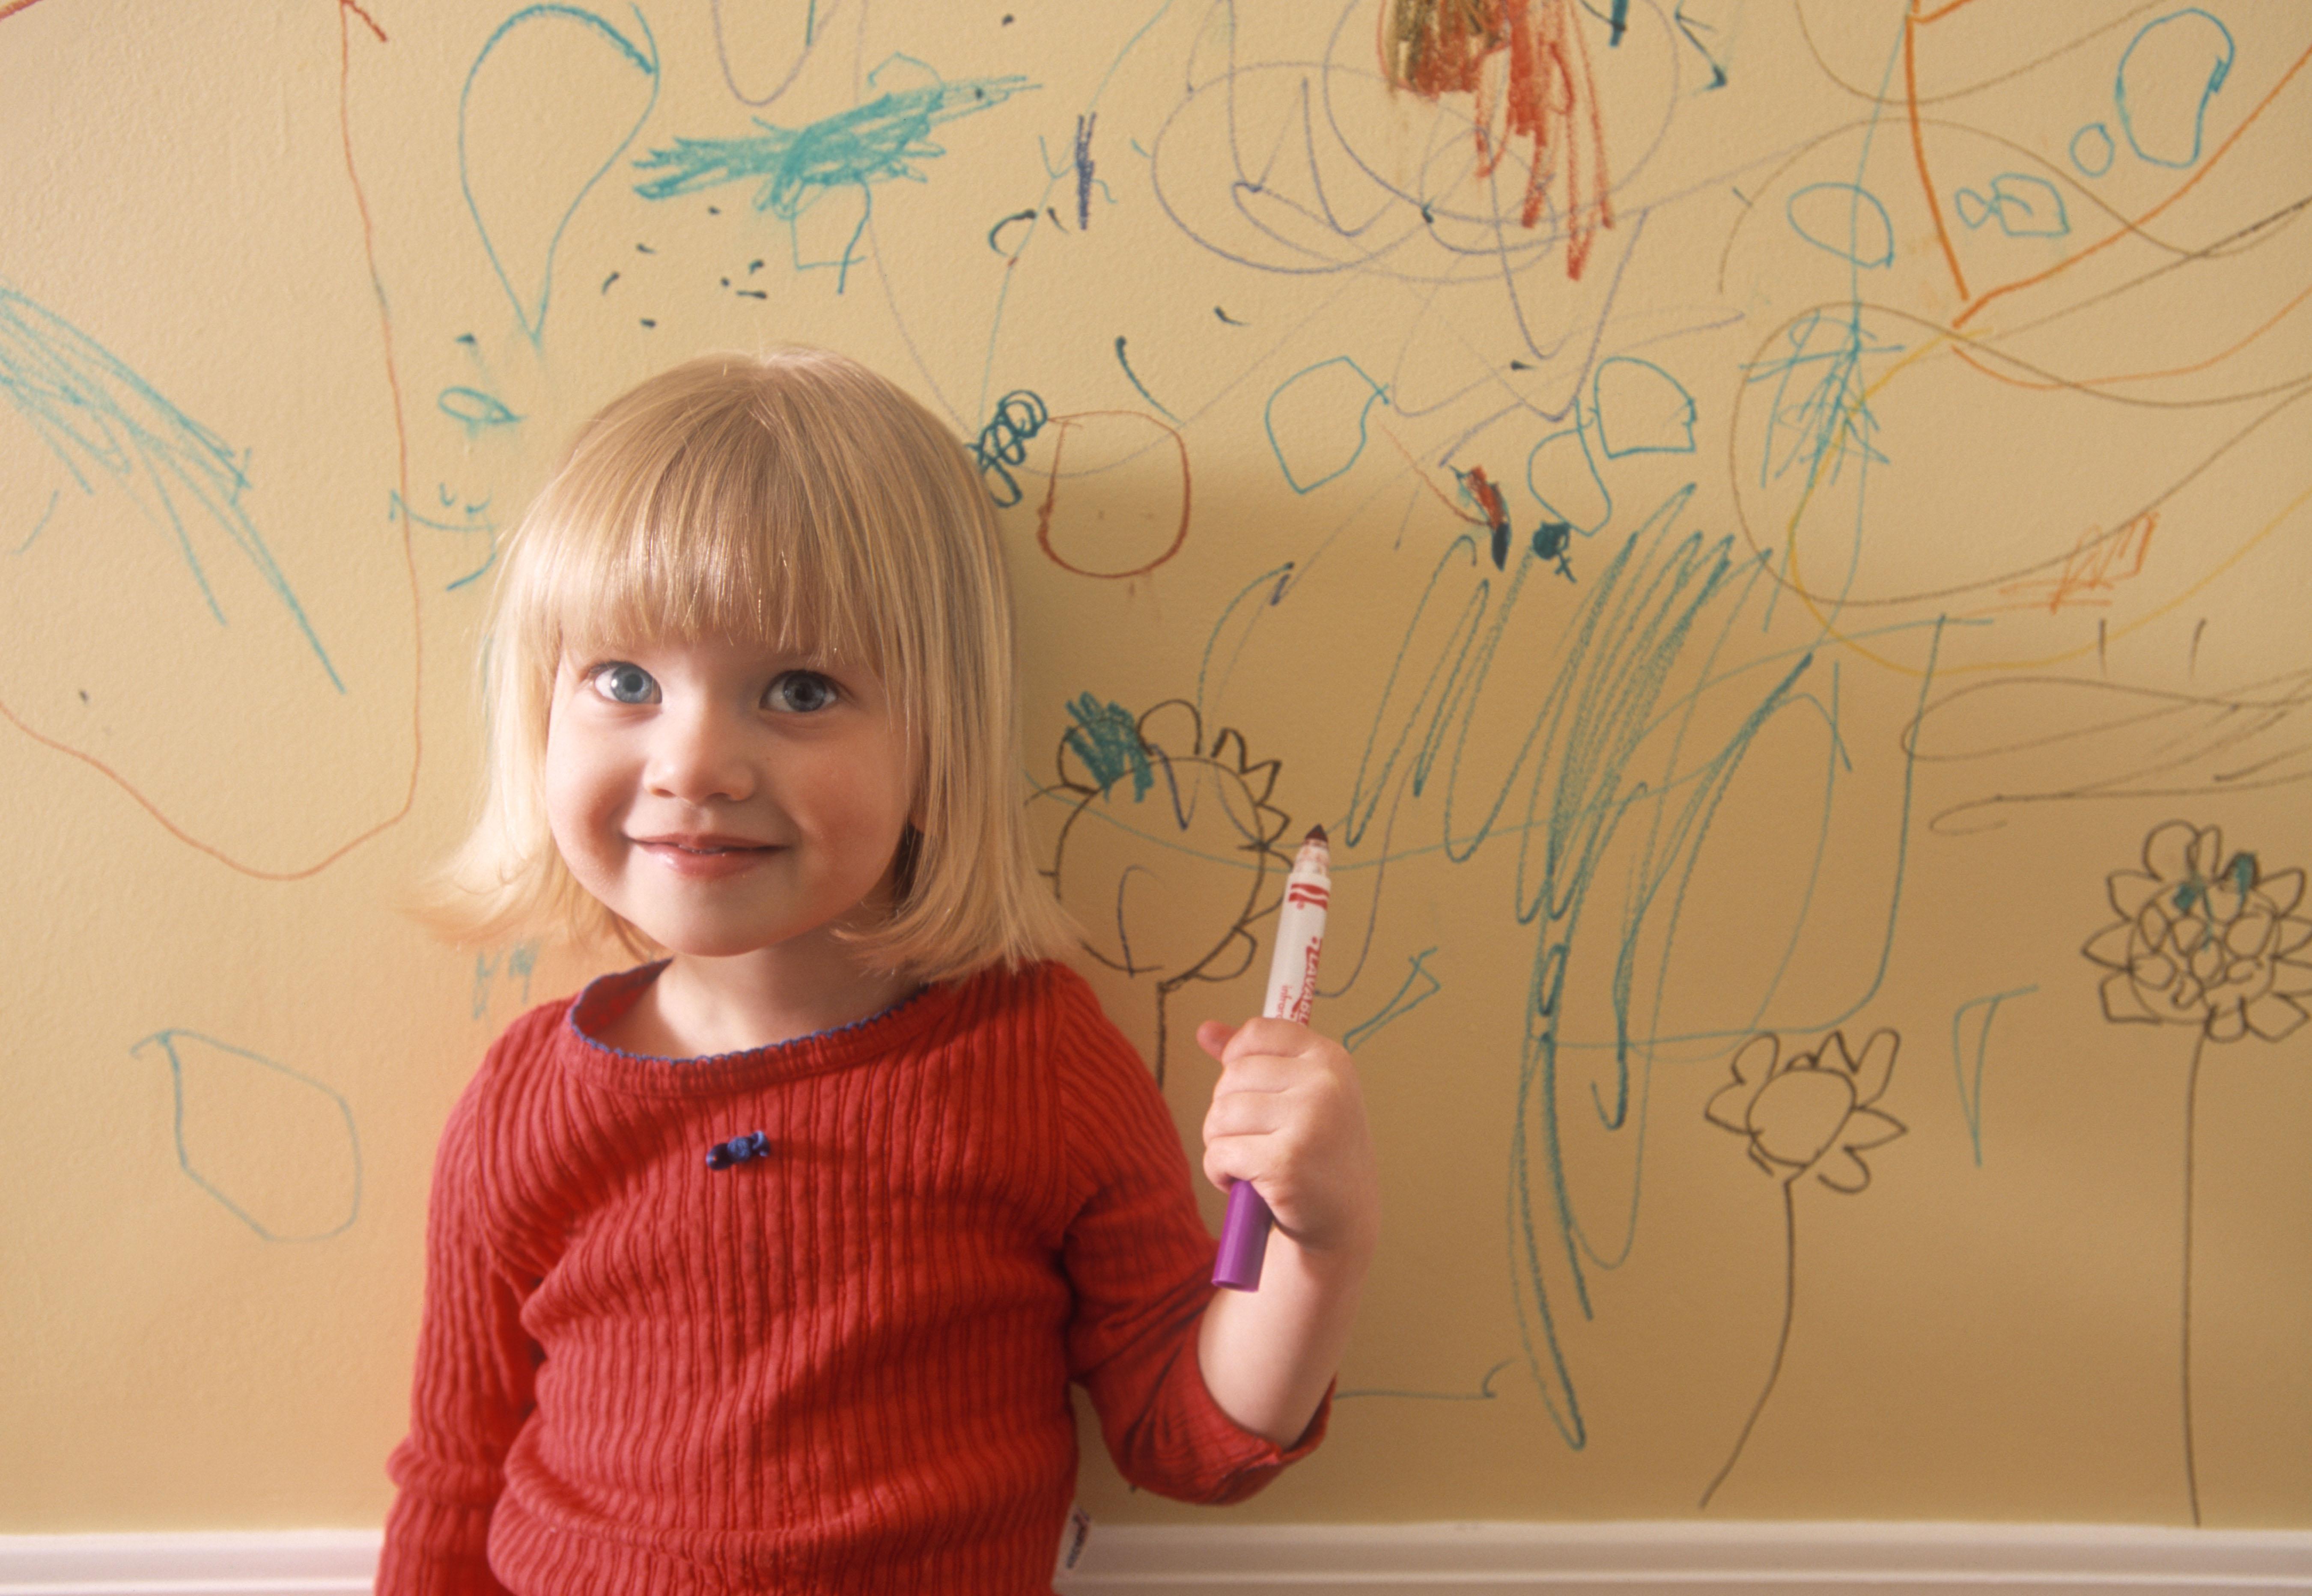 Variadas maneras en que los ni os pueden amargarnos el d a - Ninos pintando con las manos ...